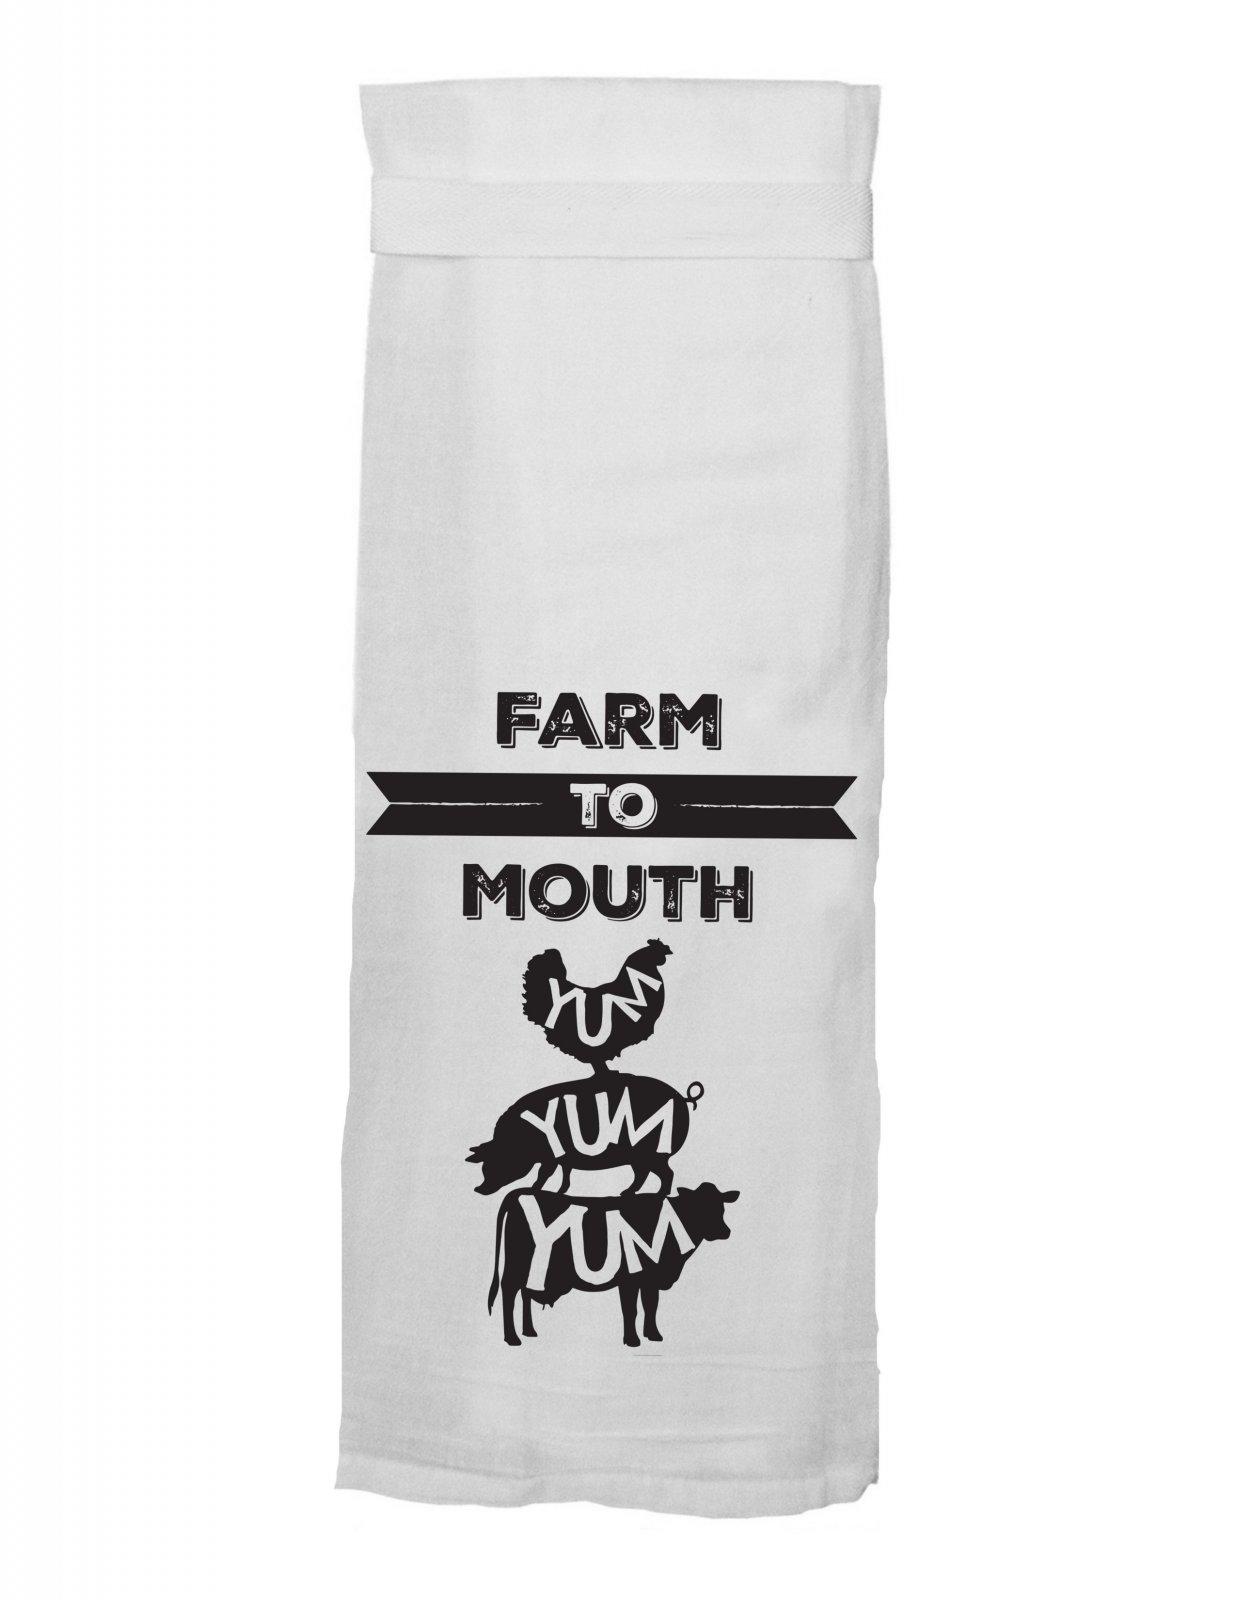 Flour Sack Towel - Farm to Mouth - 119001